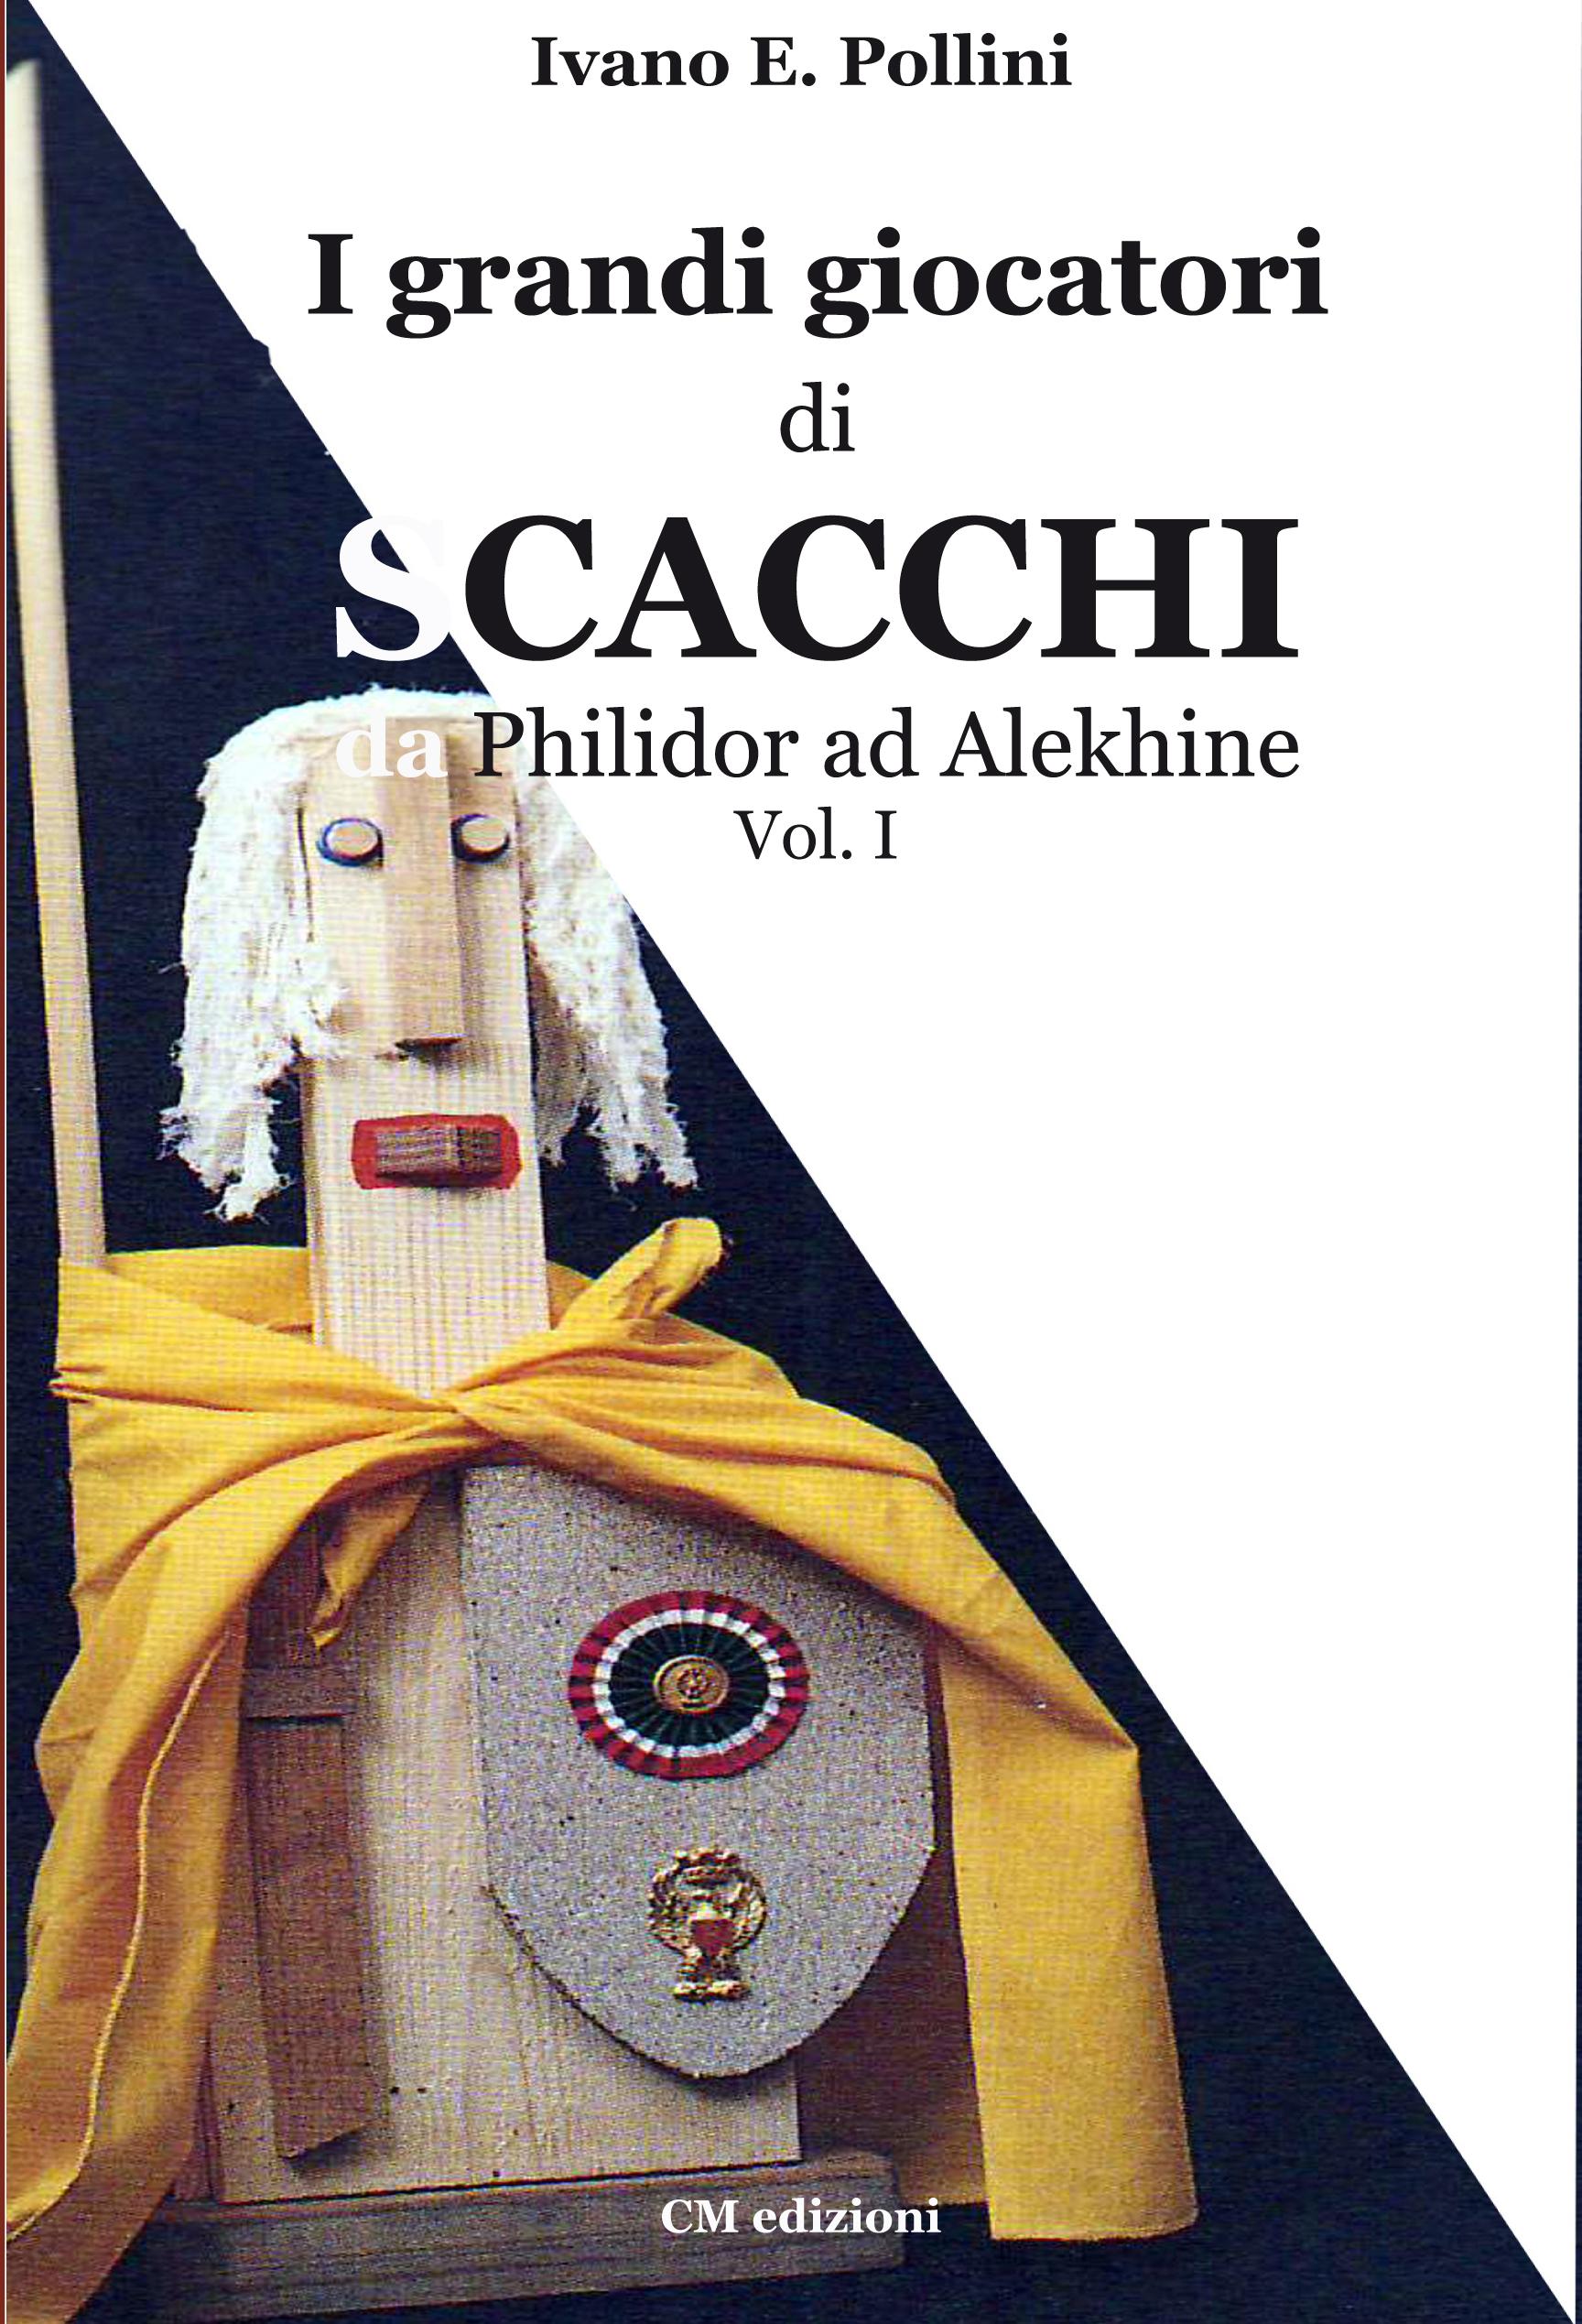 scacchi Cover  ebook vol 1 prova diagonale grande28 11 13.indd